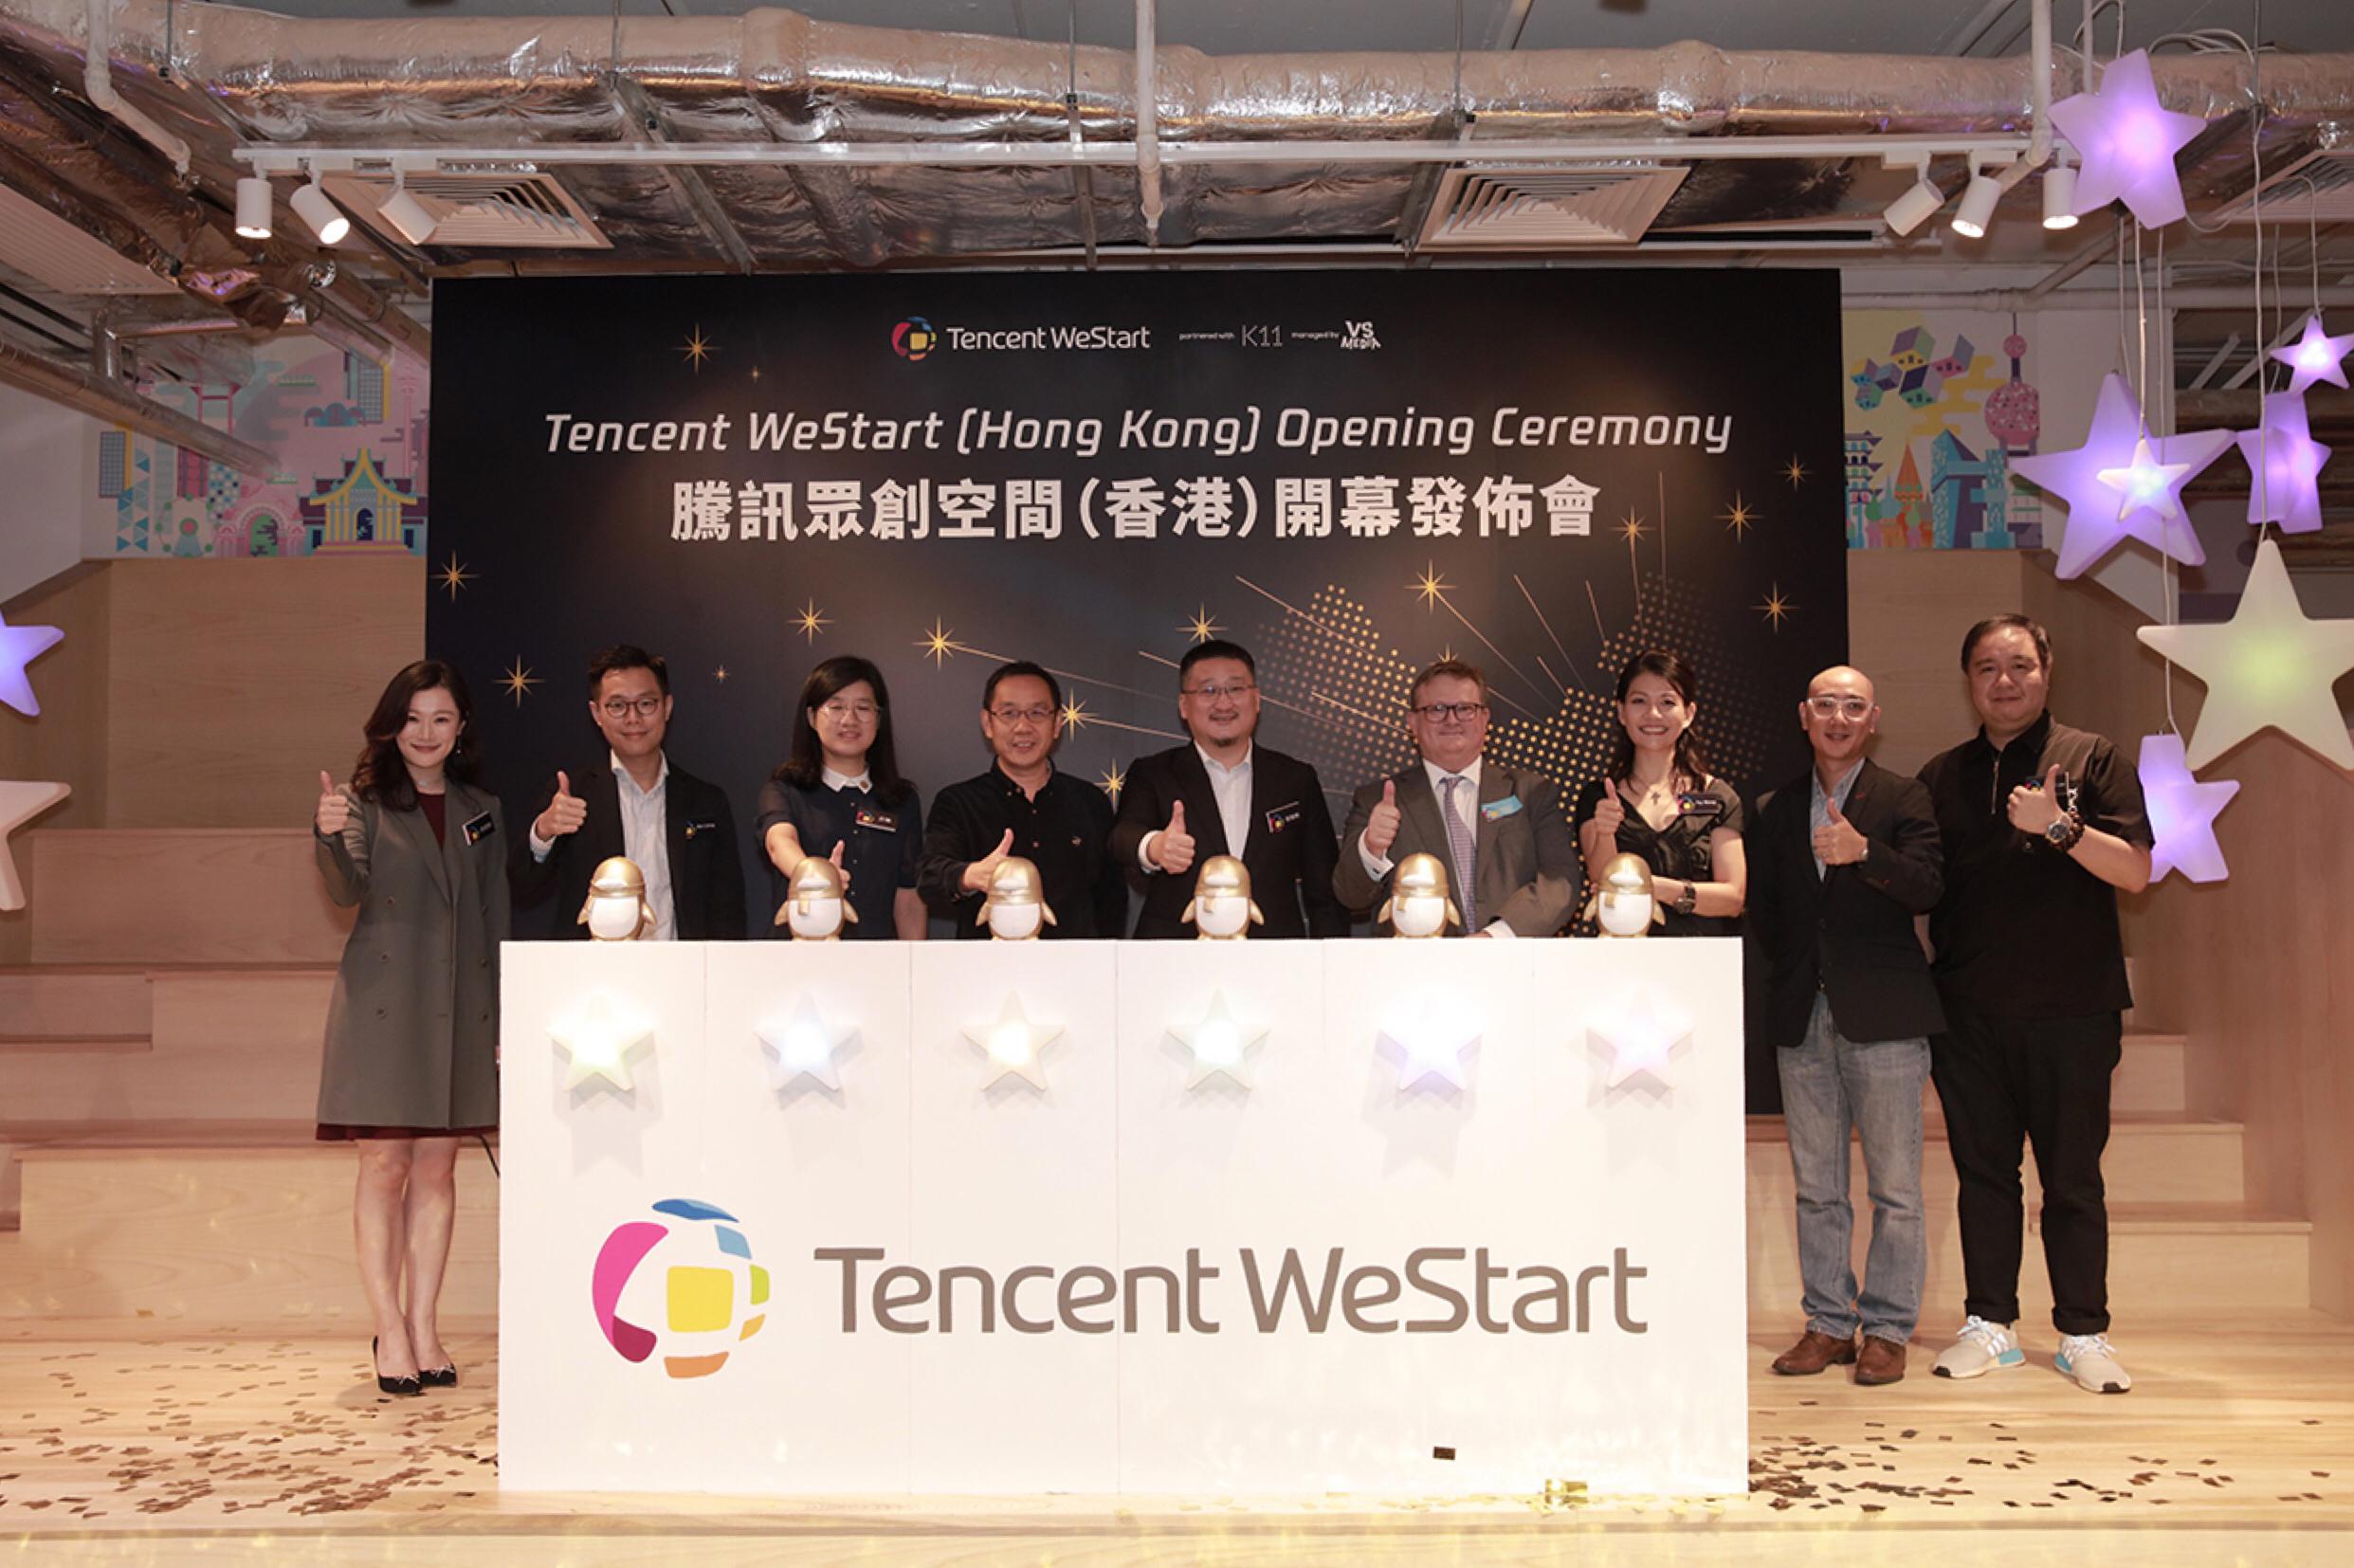 腾讯众创空间正式落户香港 聚焦内容创业扶持